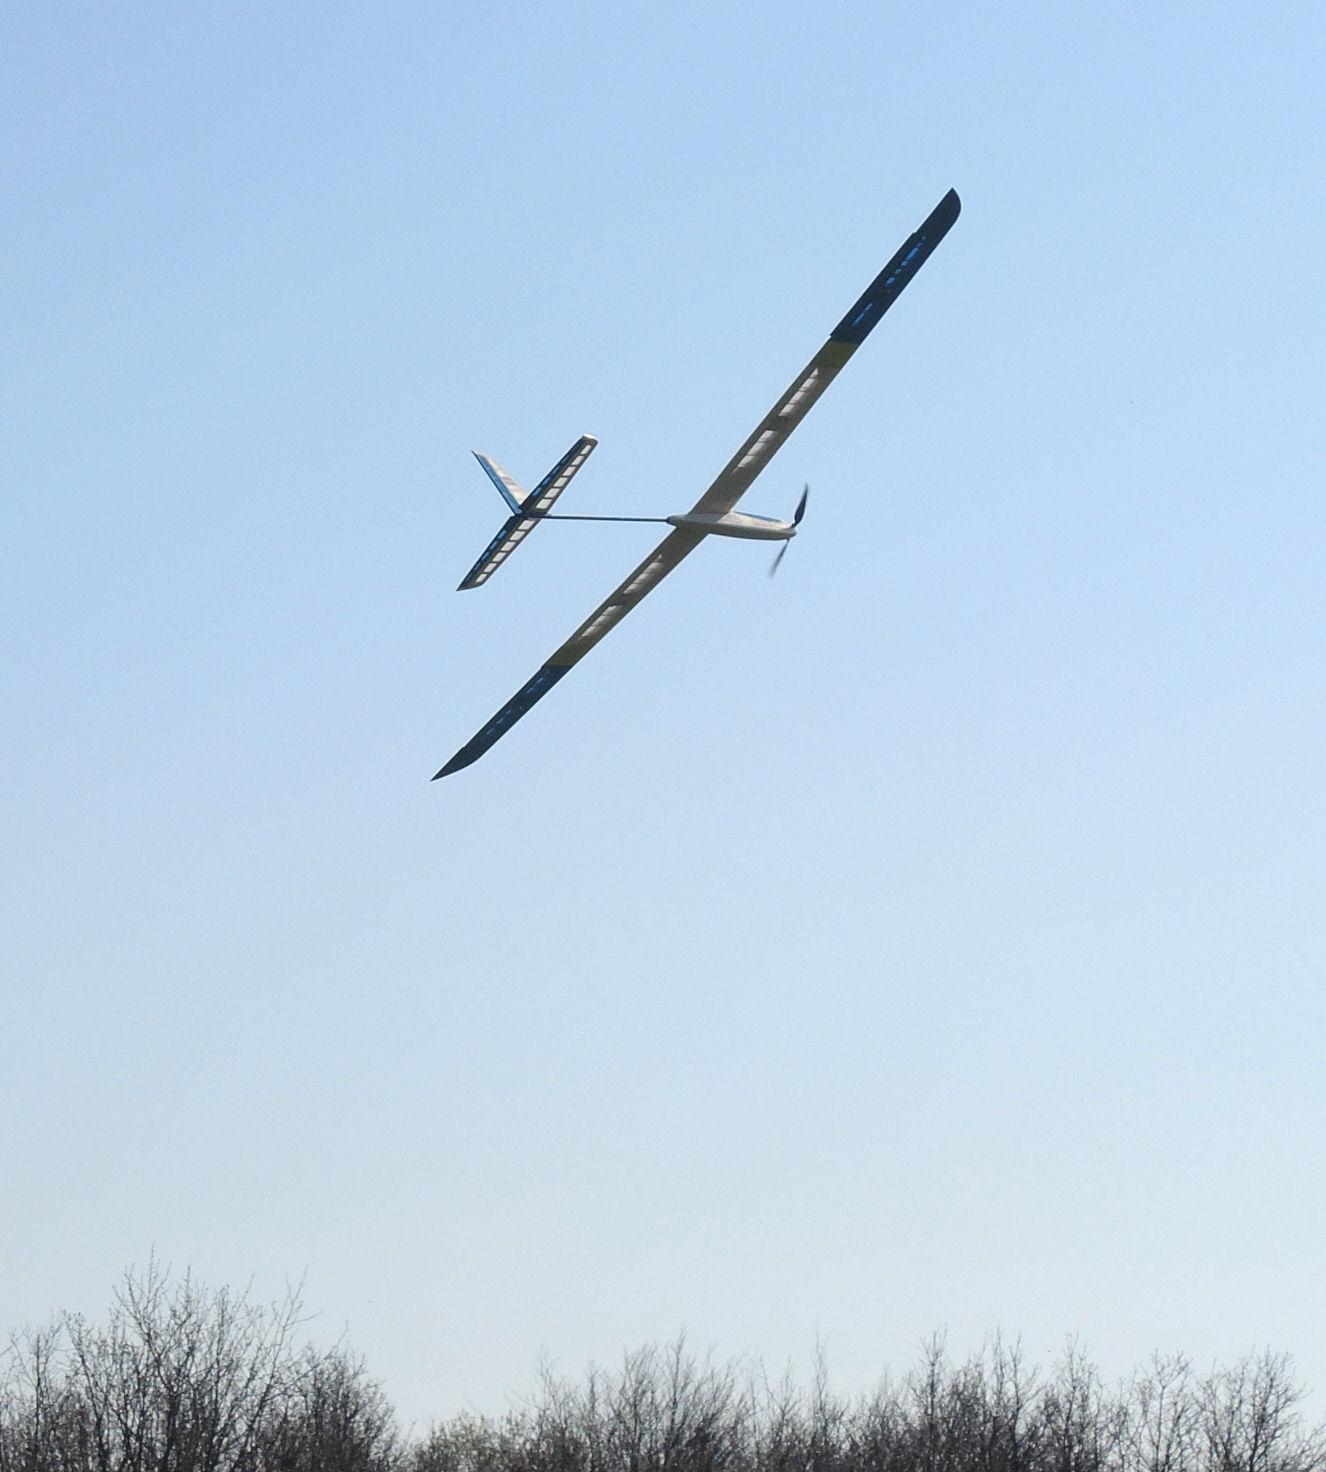 Hel-Flug 3-1.jpg